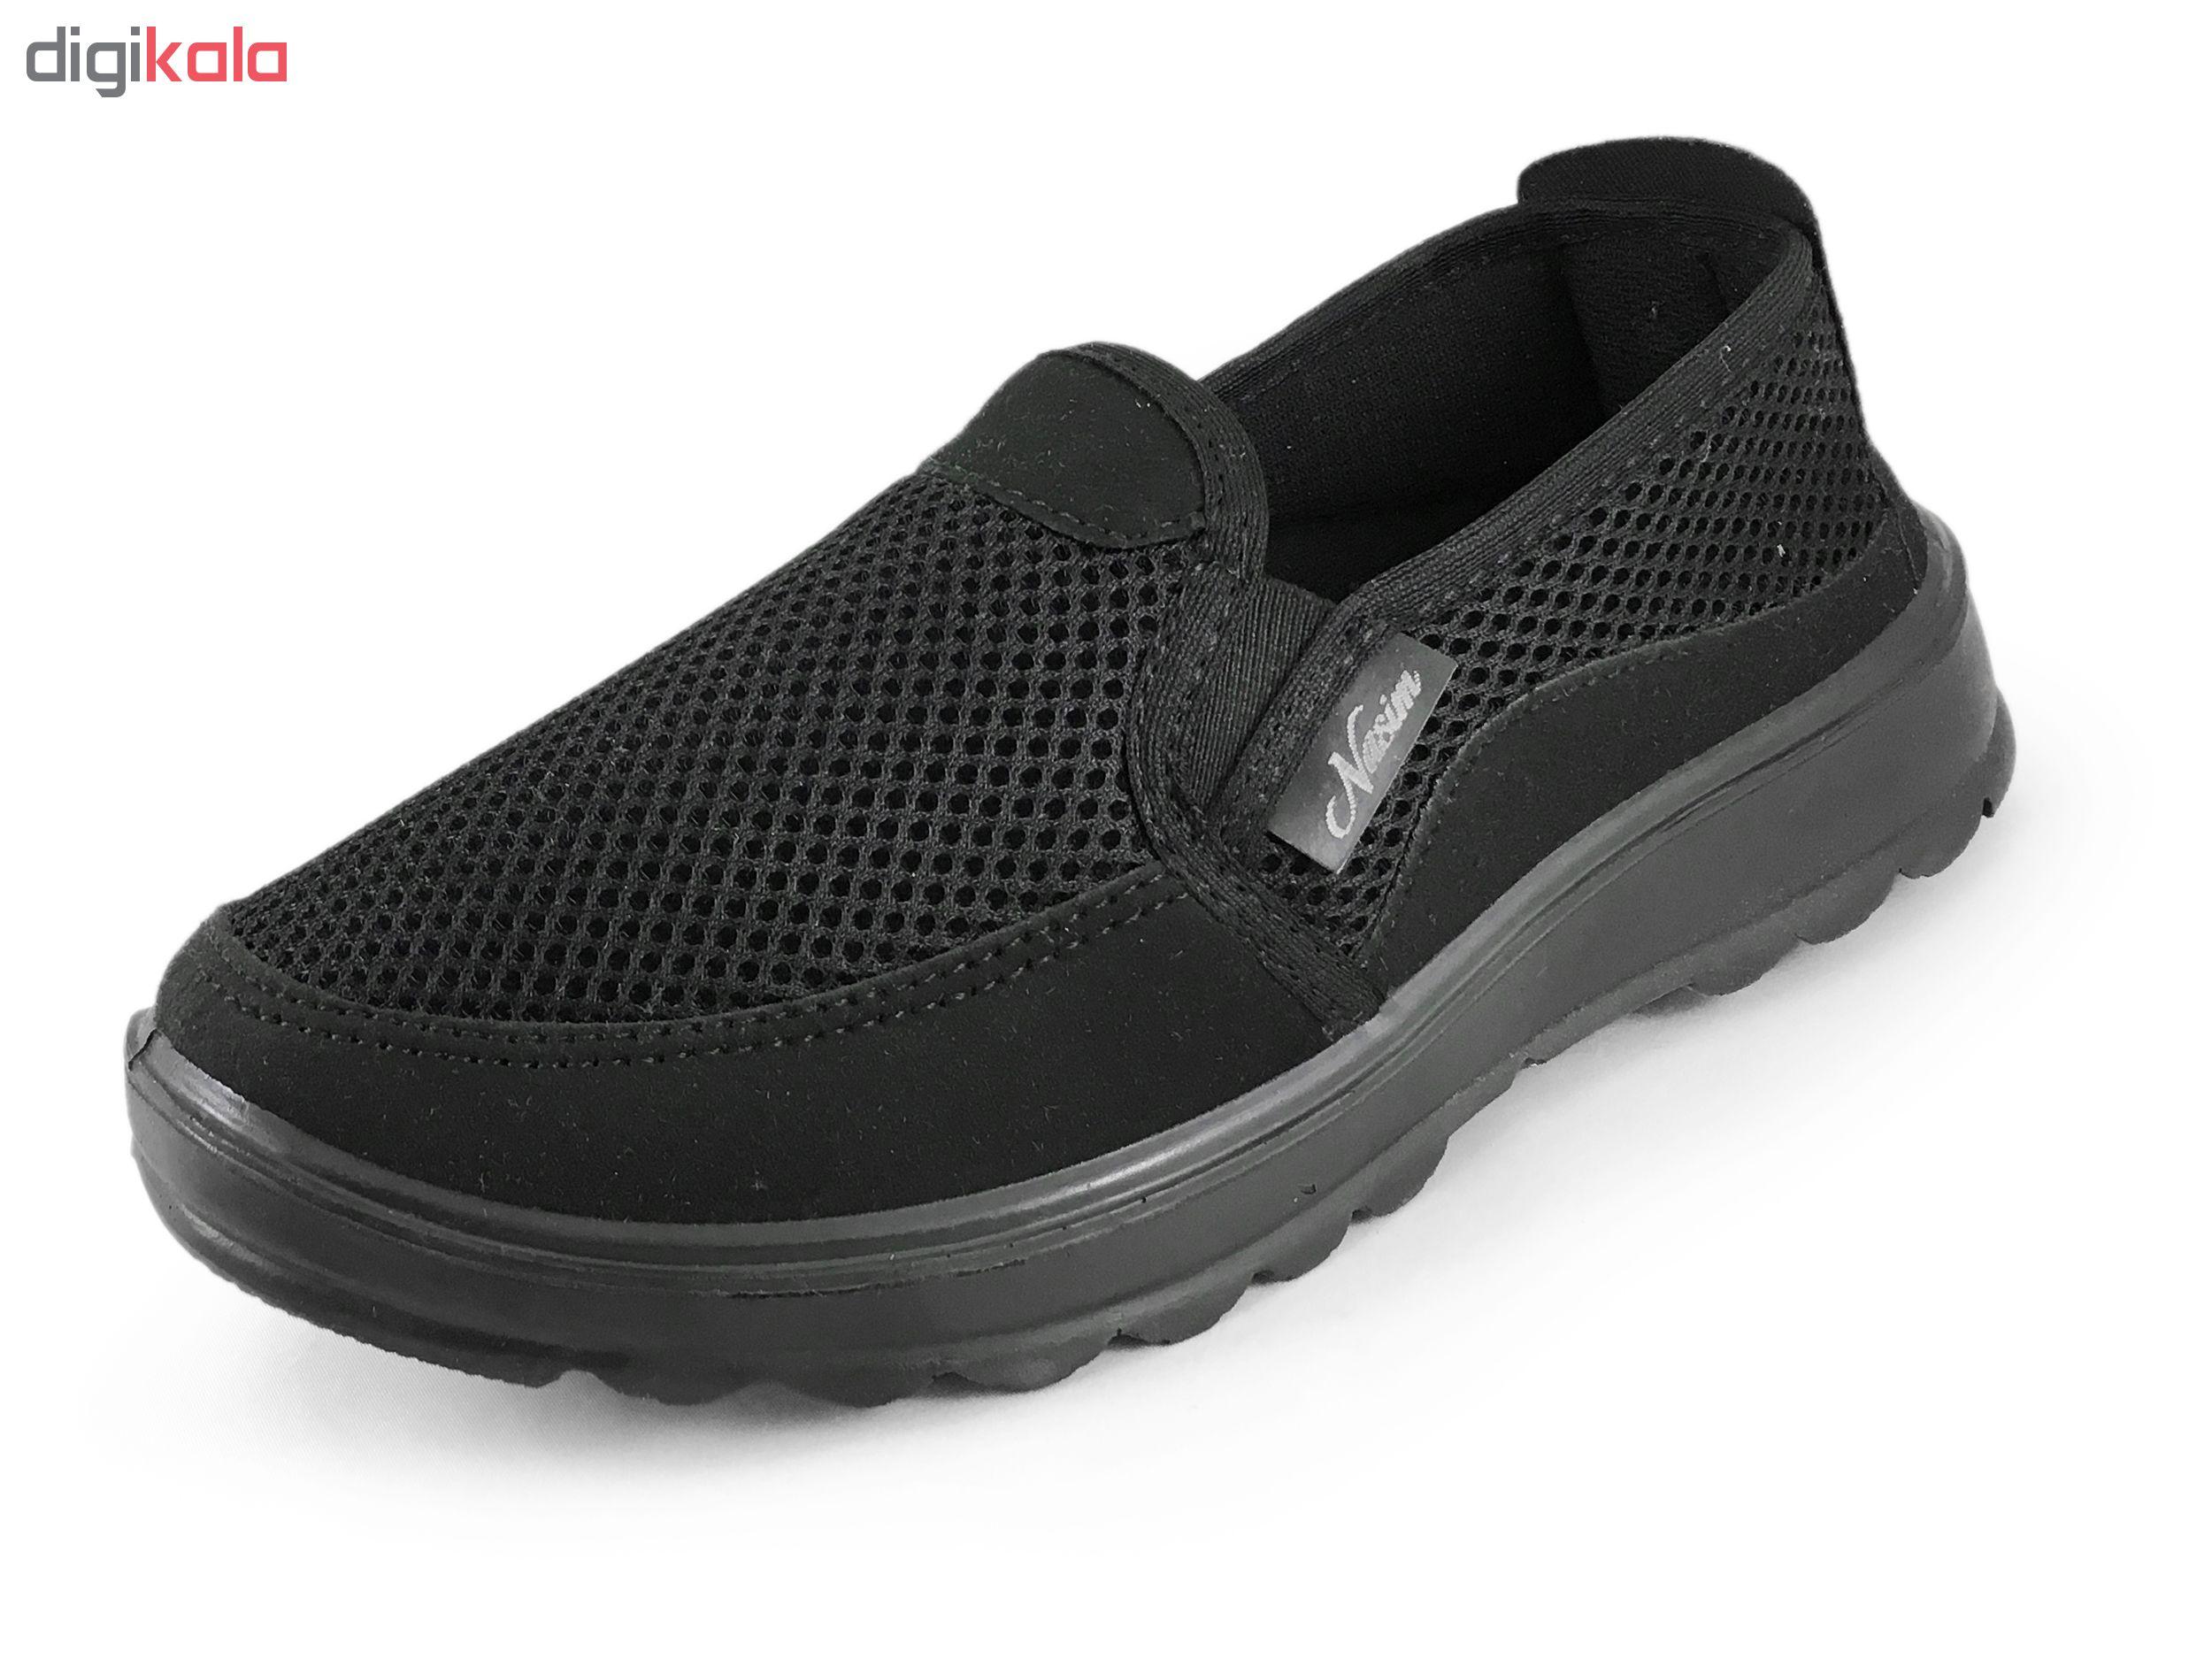 کفش مخصوص پیاده روی مردانه نسیم مدل فرهاد کد 4024